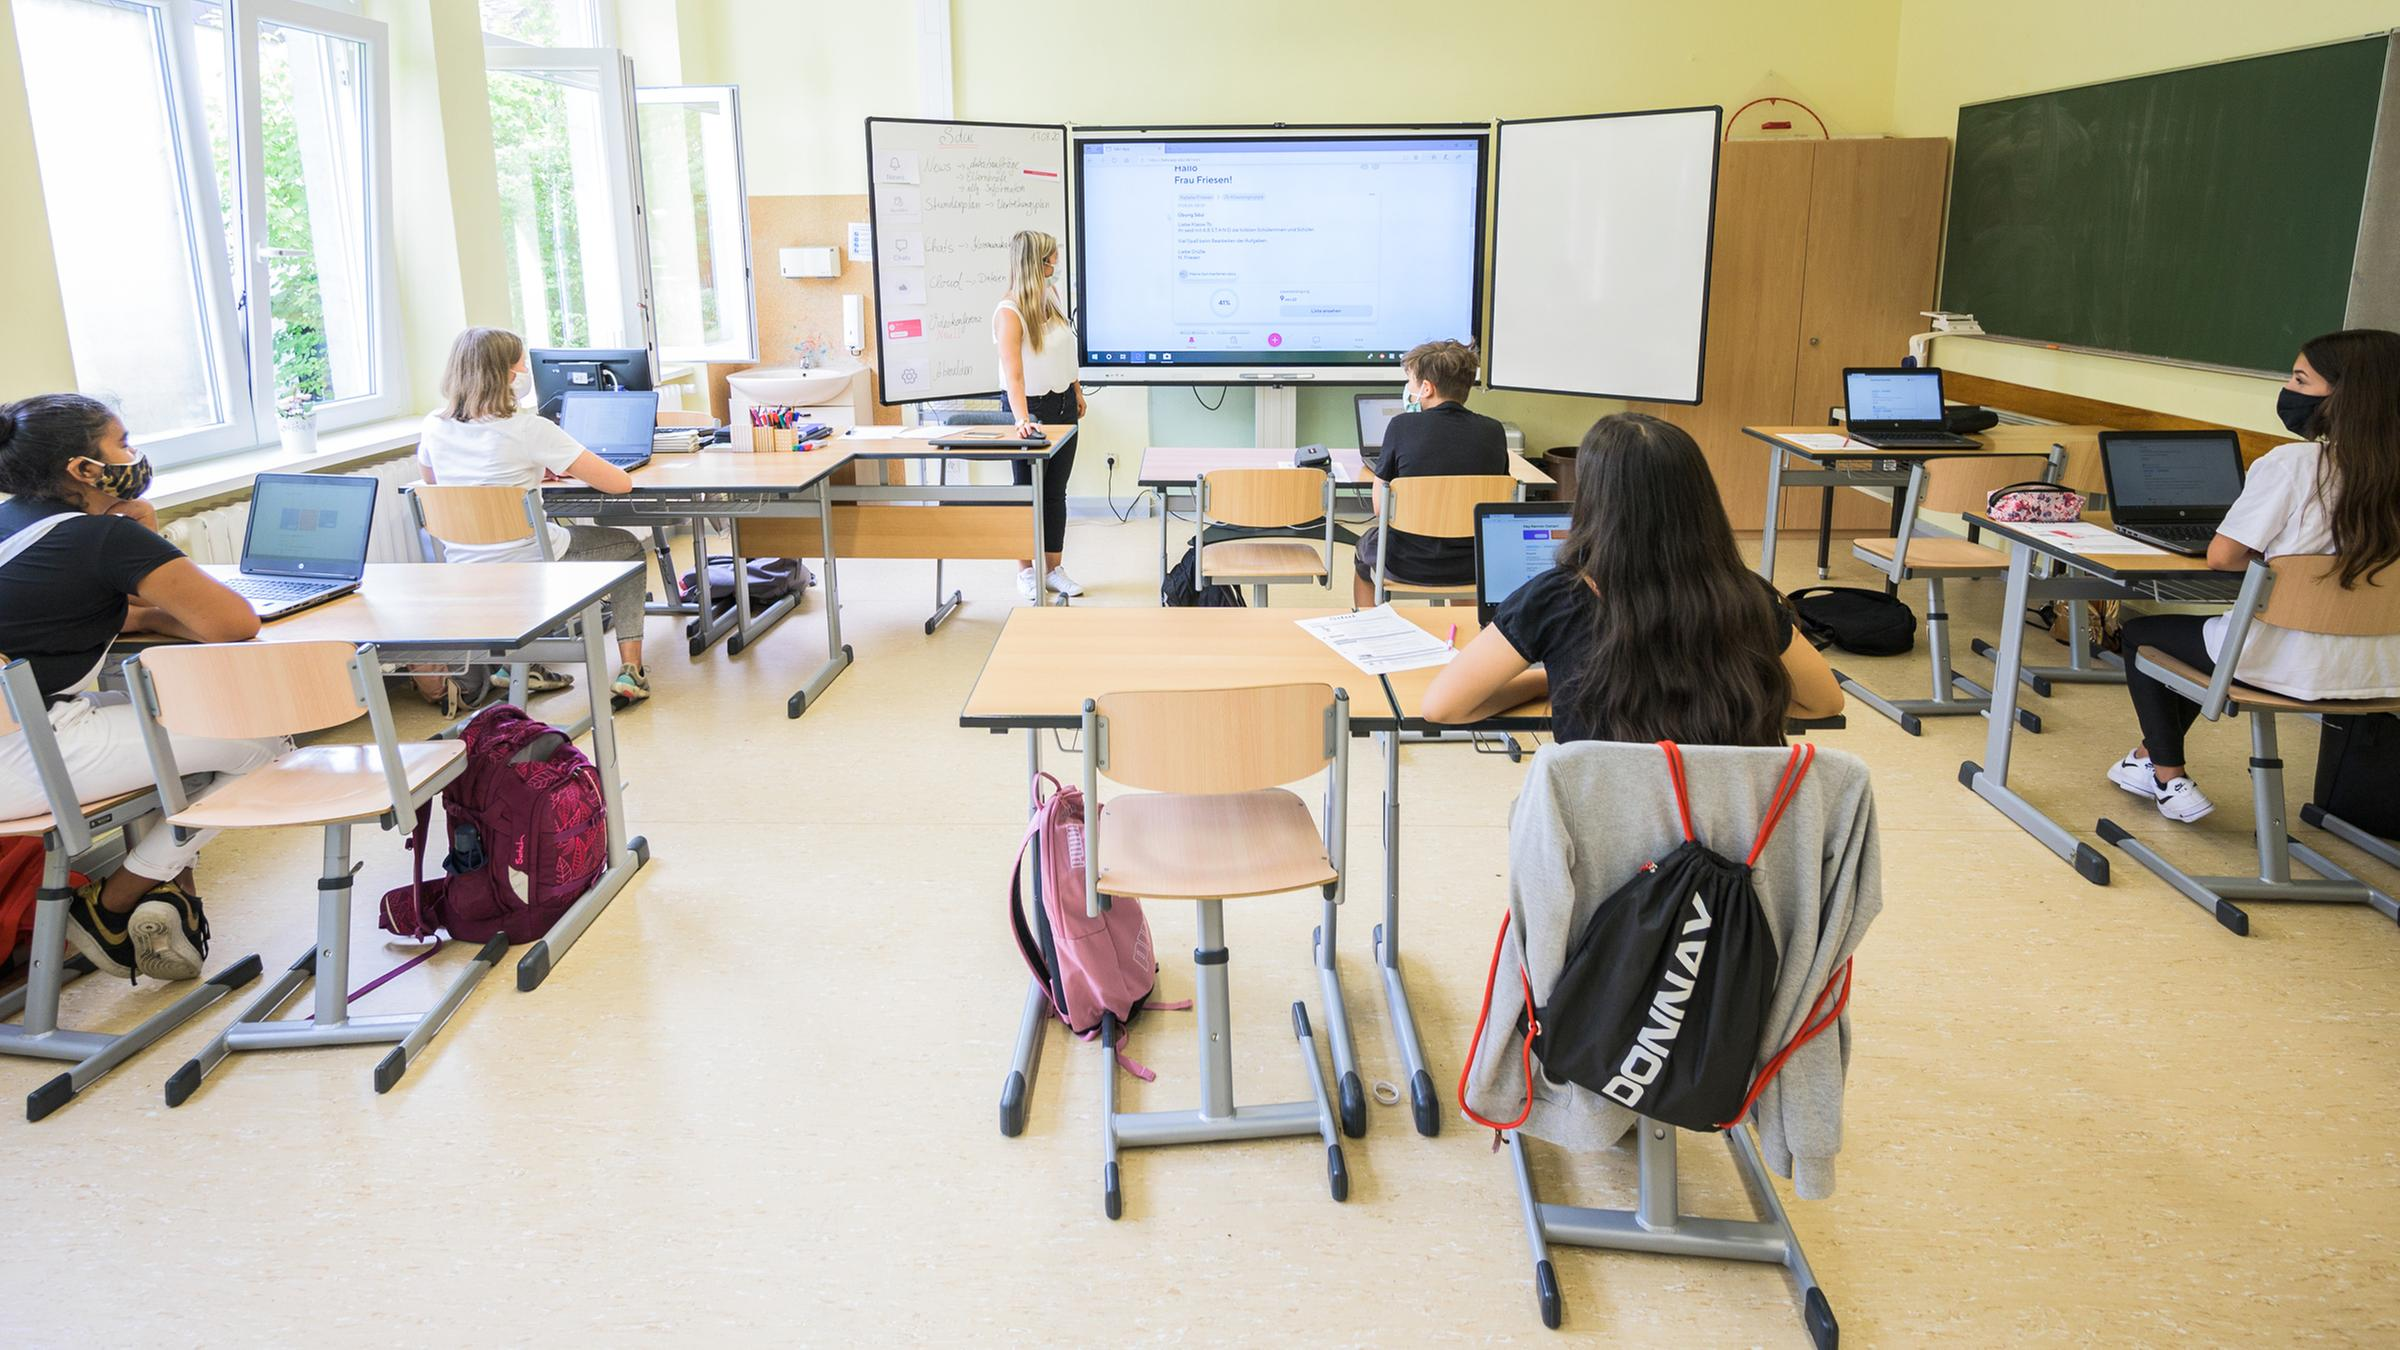 Schulen in der Corona Krise   ZDFheute